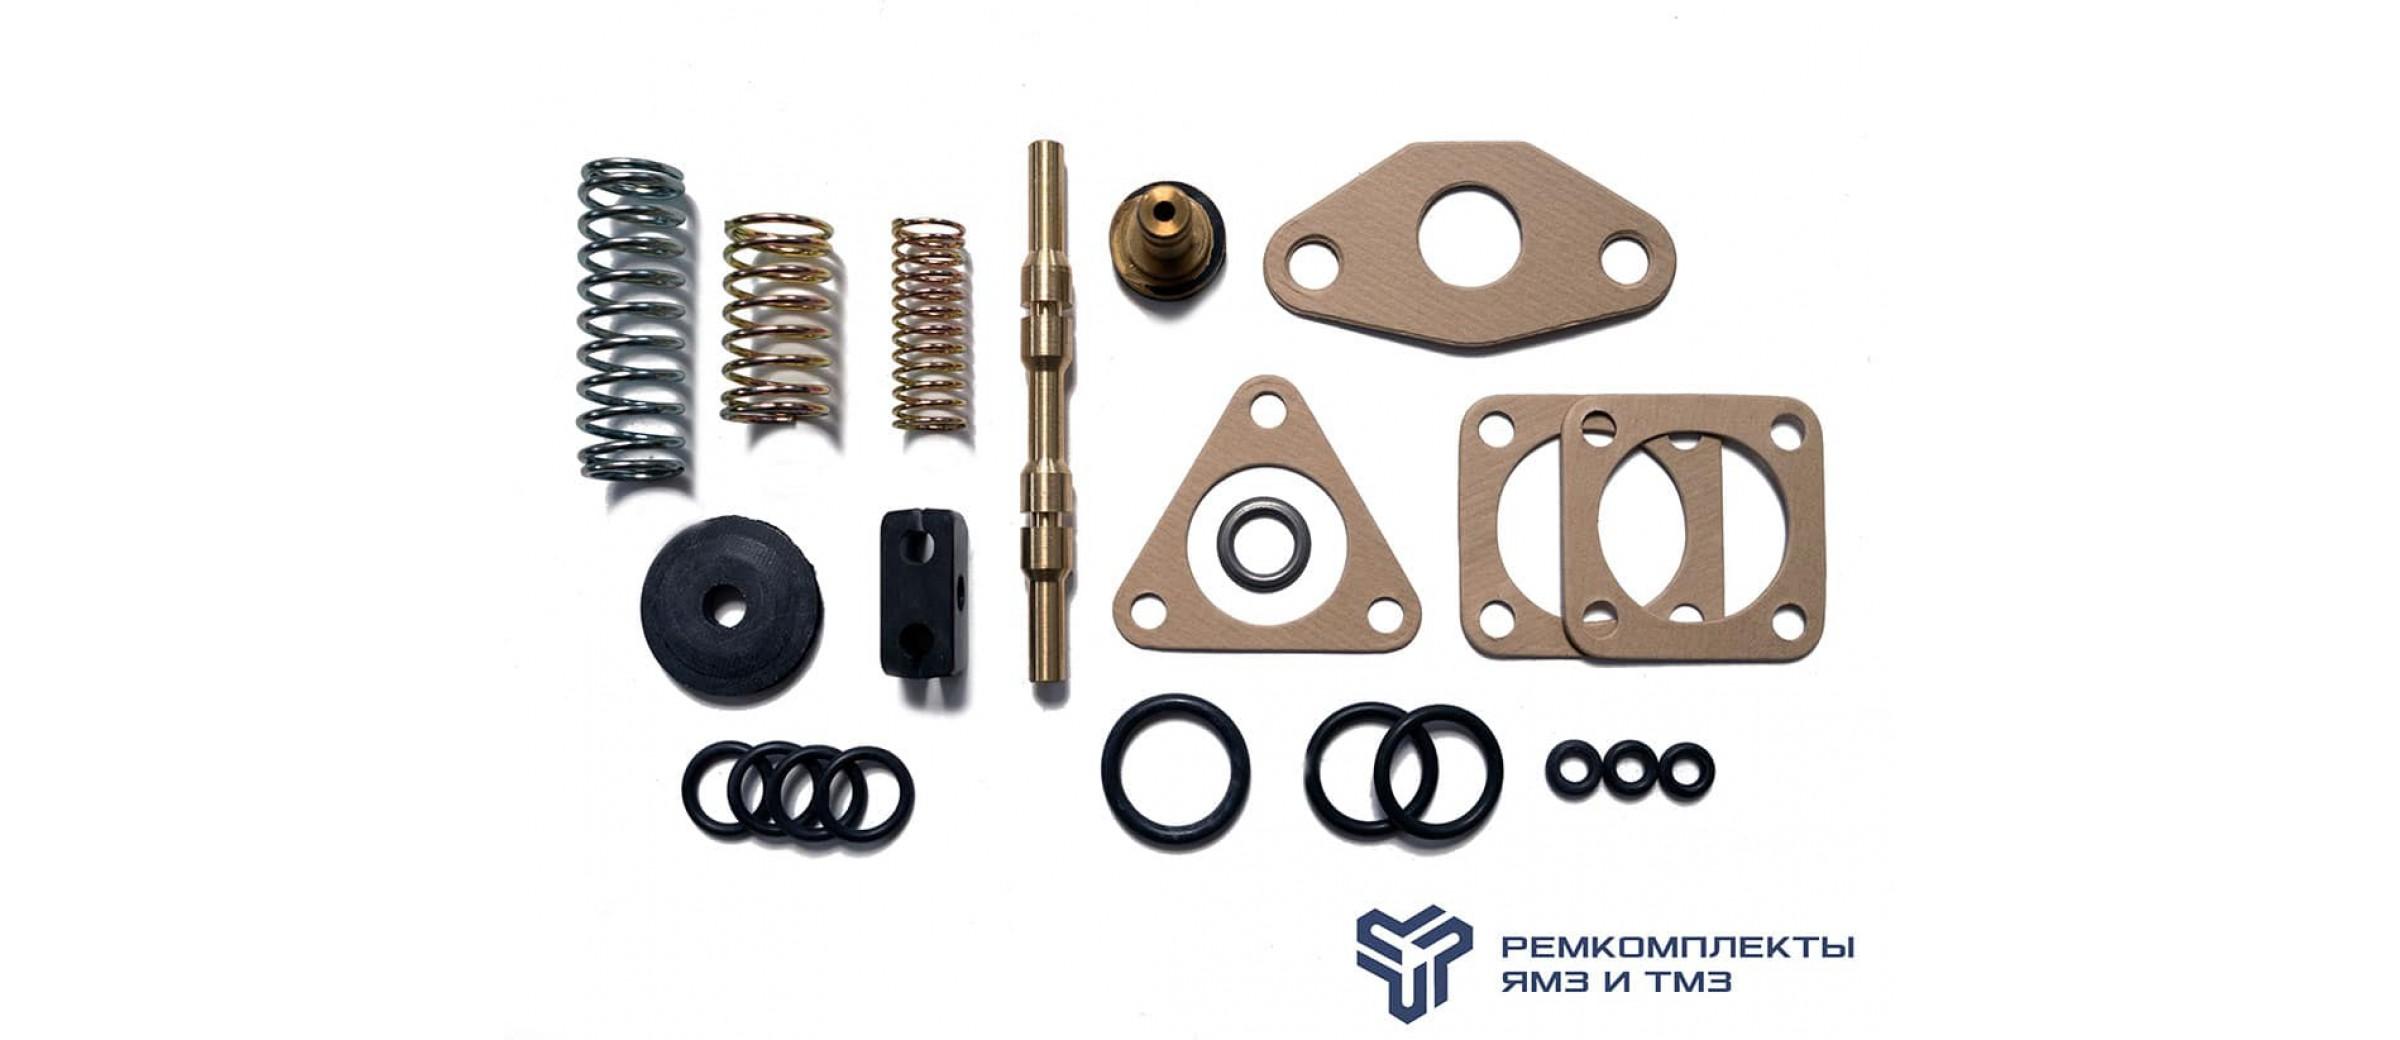 Ремкомплект воздухораспределения (малый+золотник+клапан+пружины)